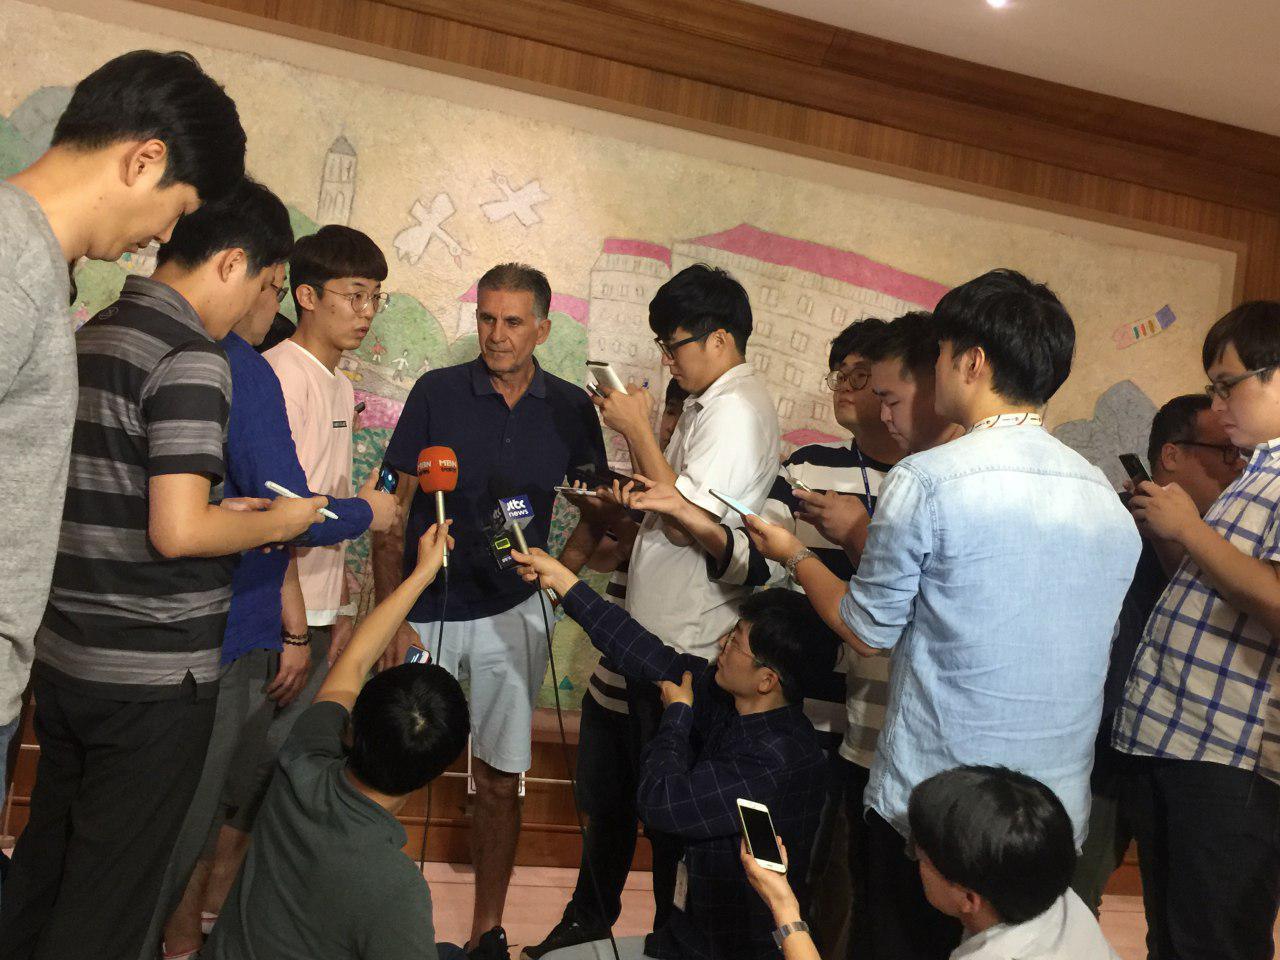 حرفهای جالب خبرنگاران کرهای درباره کیروش